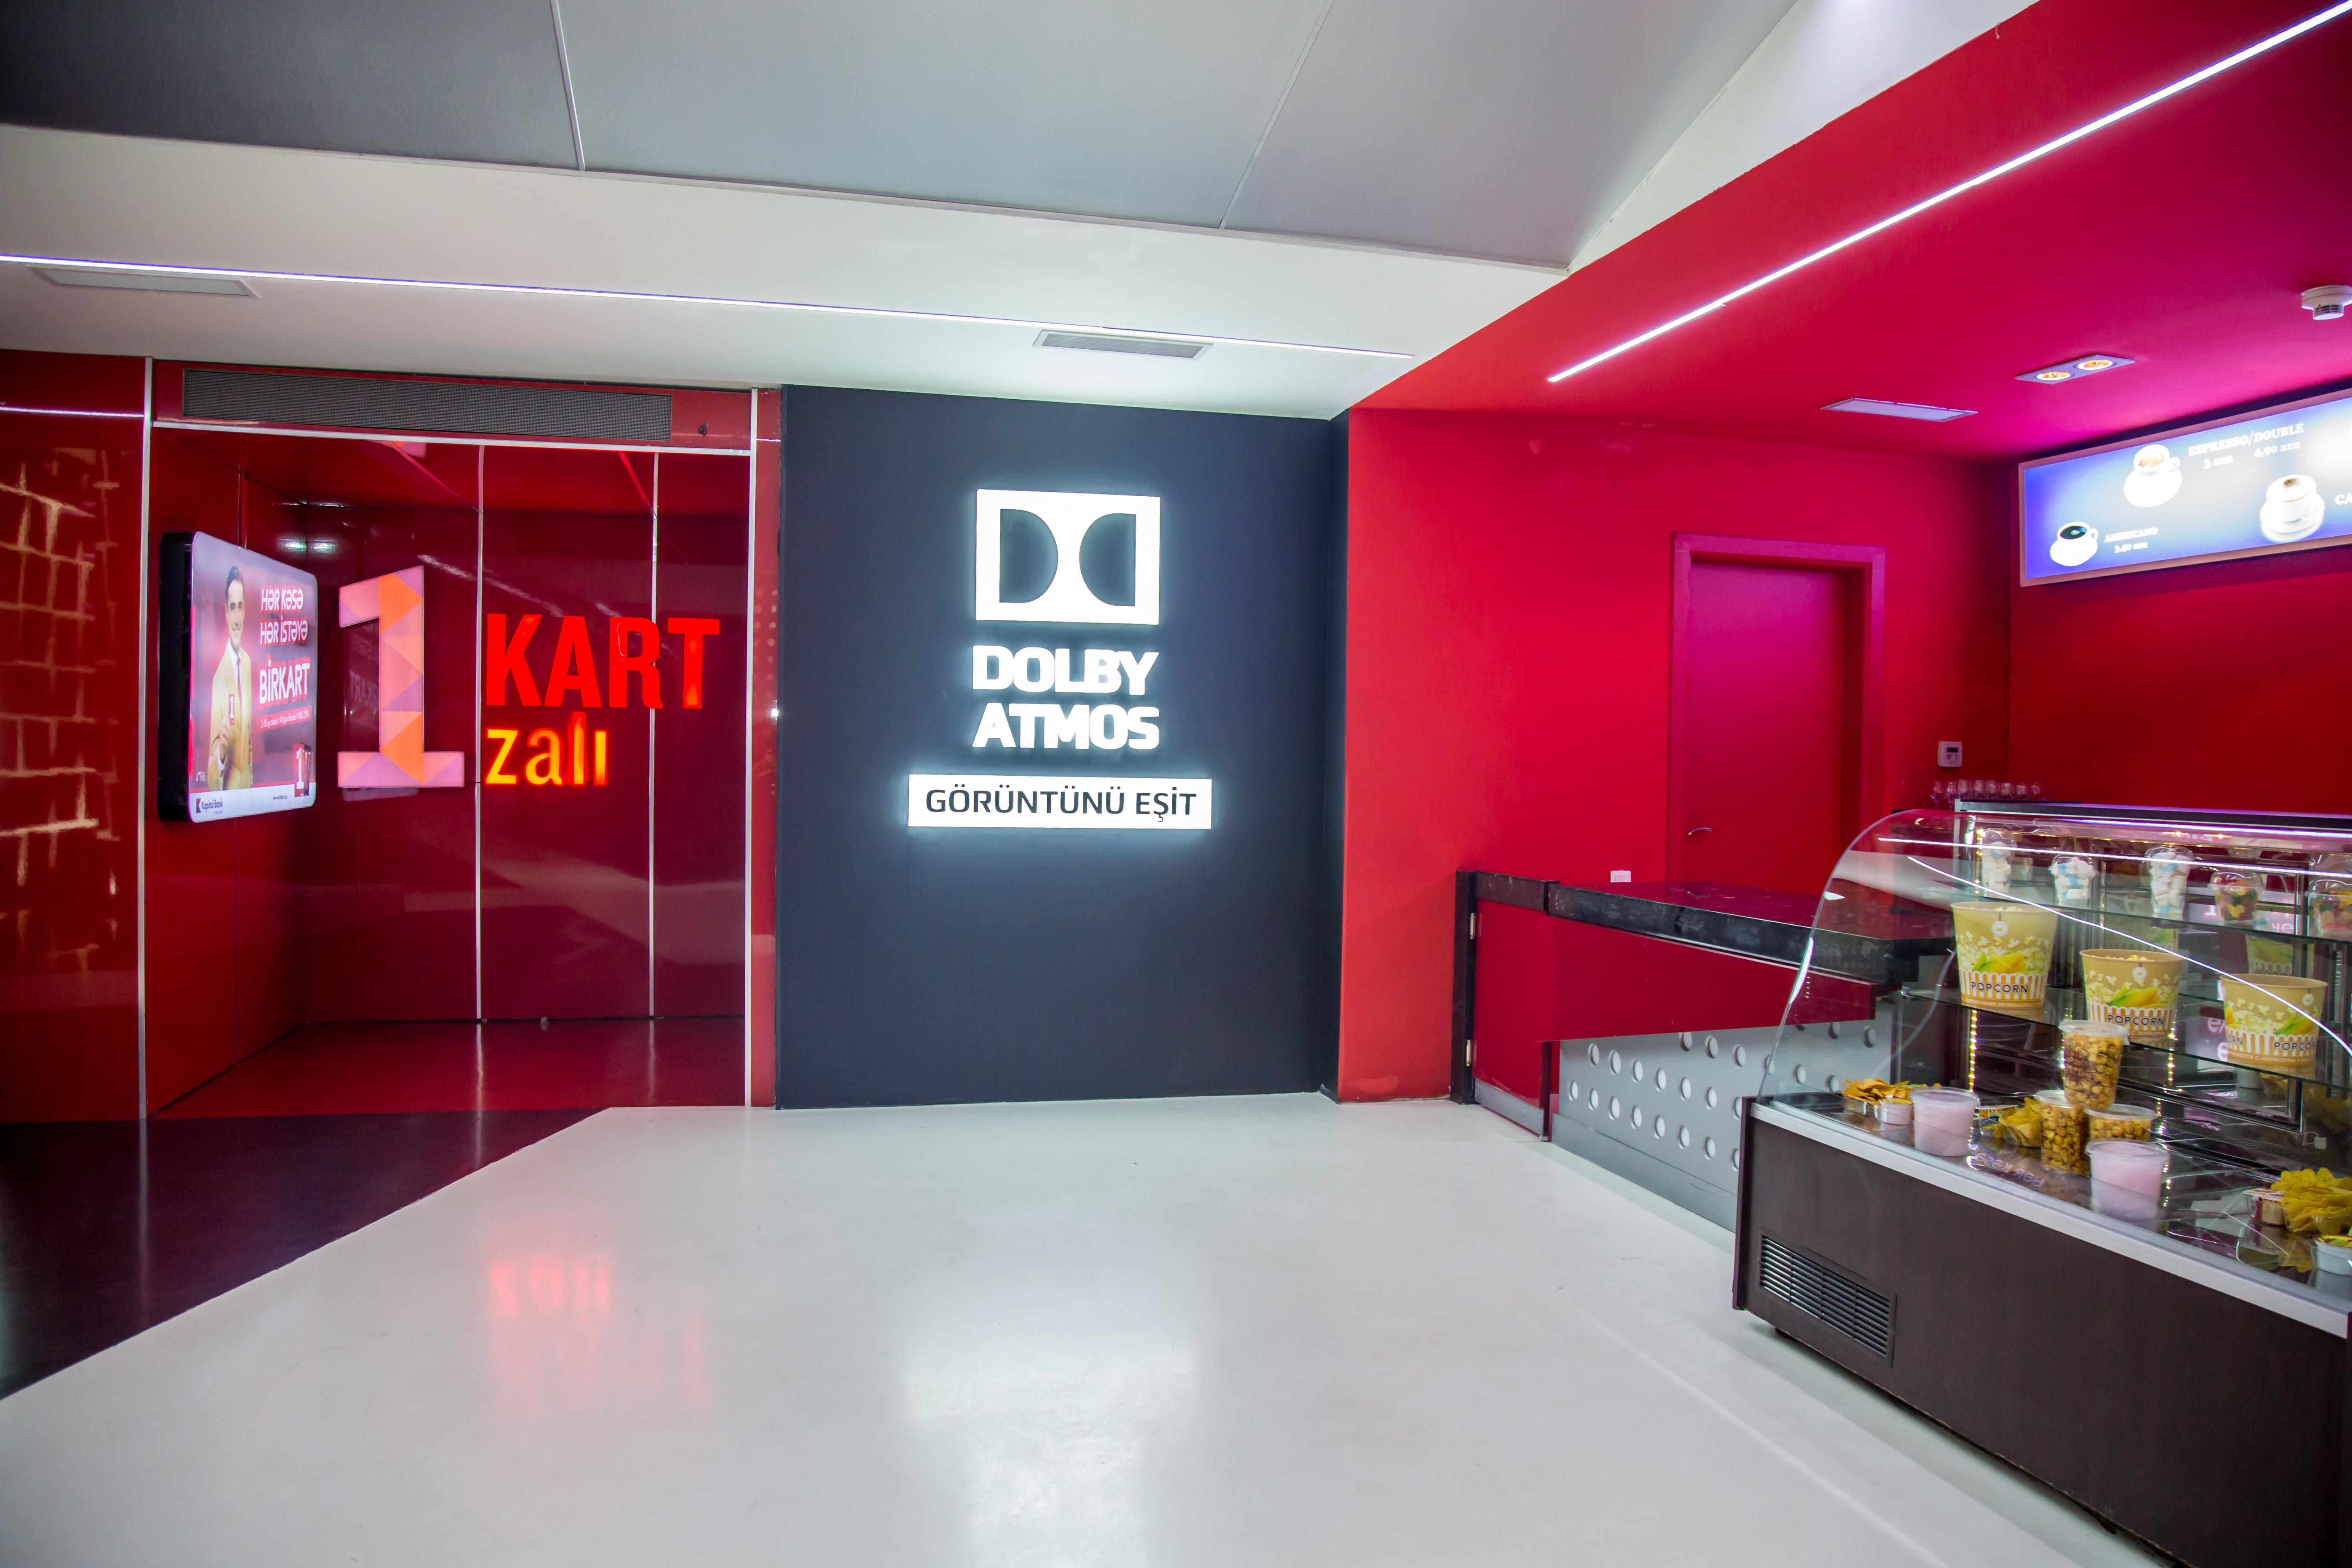 Парад кинотеатров Asia Cinema: «Парк Синема Метропарк» в городе Баку — 150-й зал, оборудованный системой Dolby Atmos на территории России и стран СНГ.